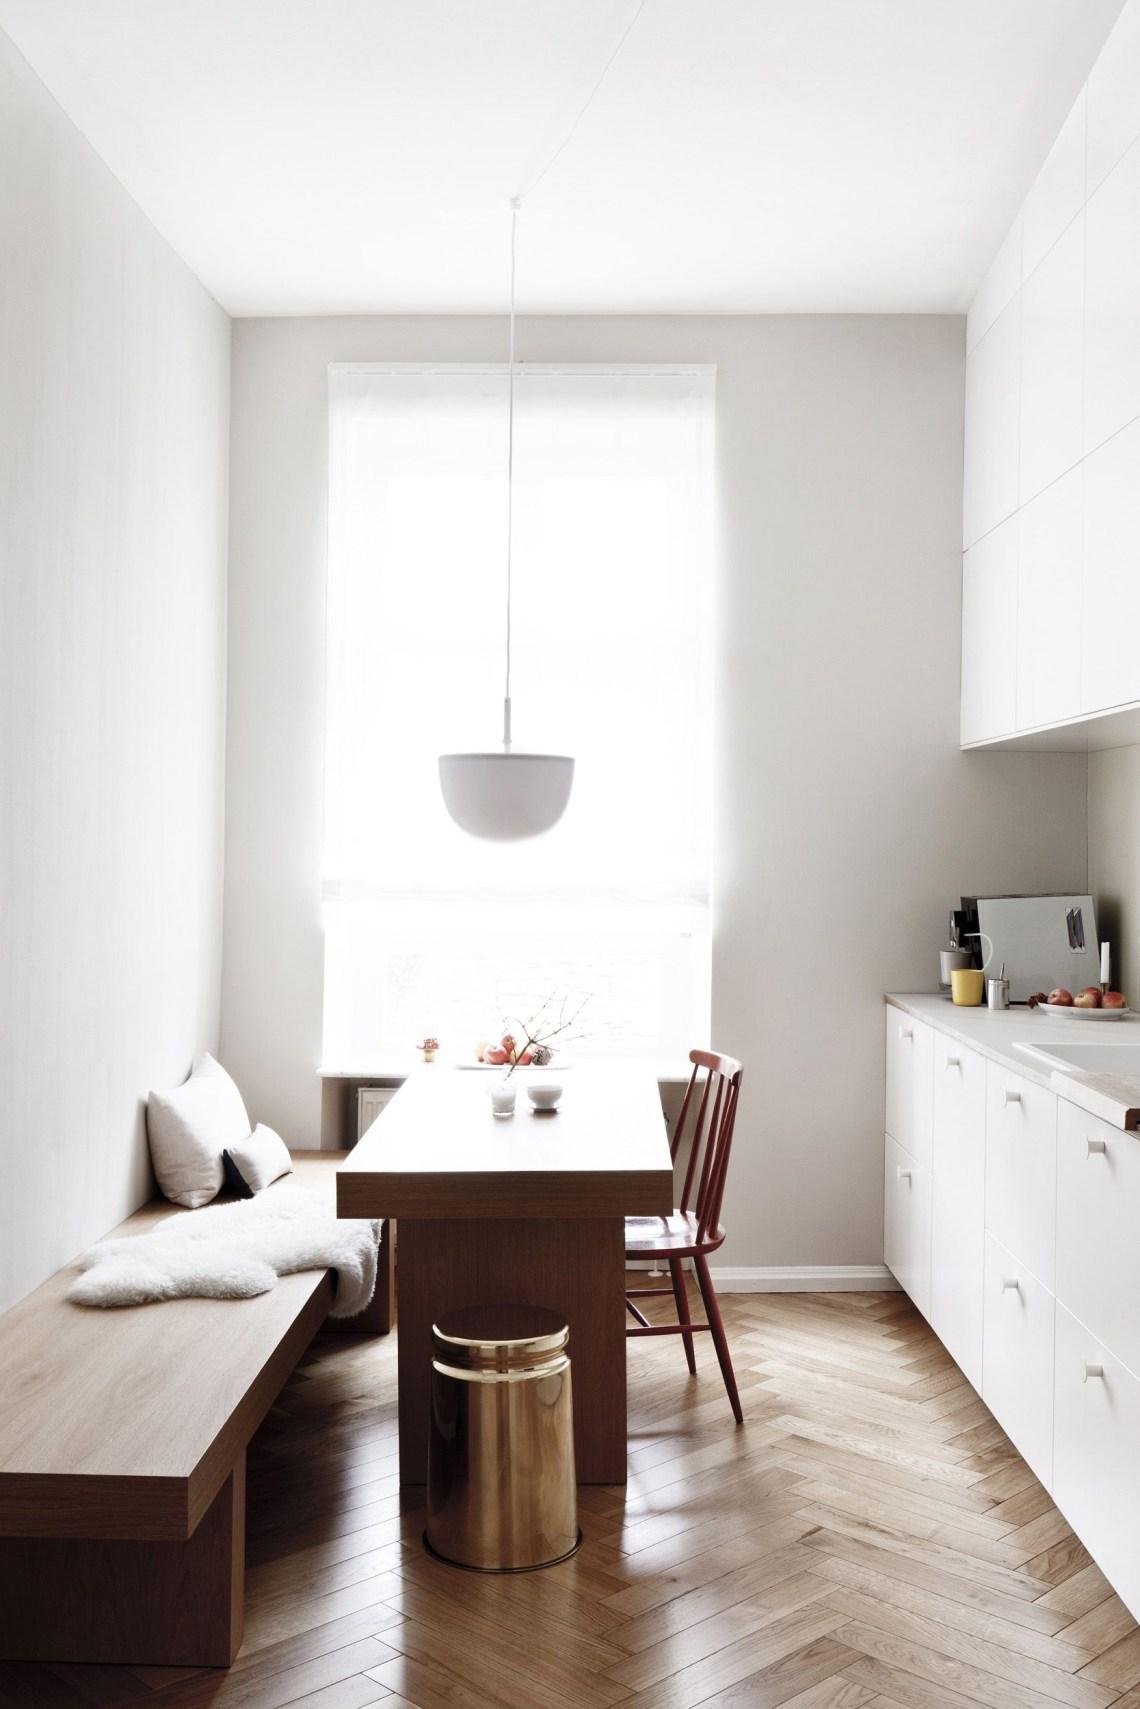 60 Best Minimalist Apartment Design Ideas Images